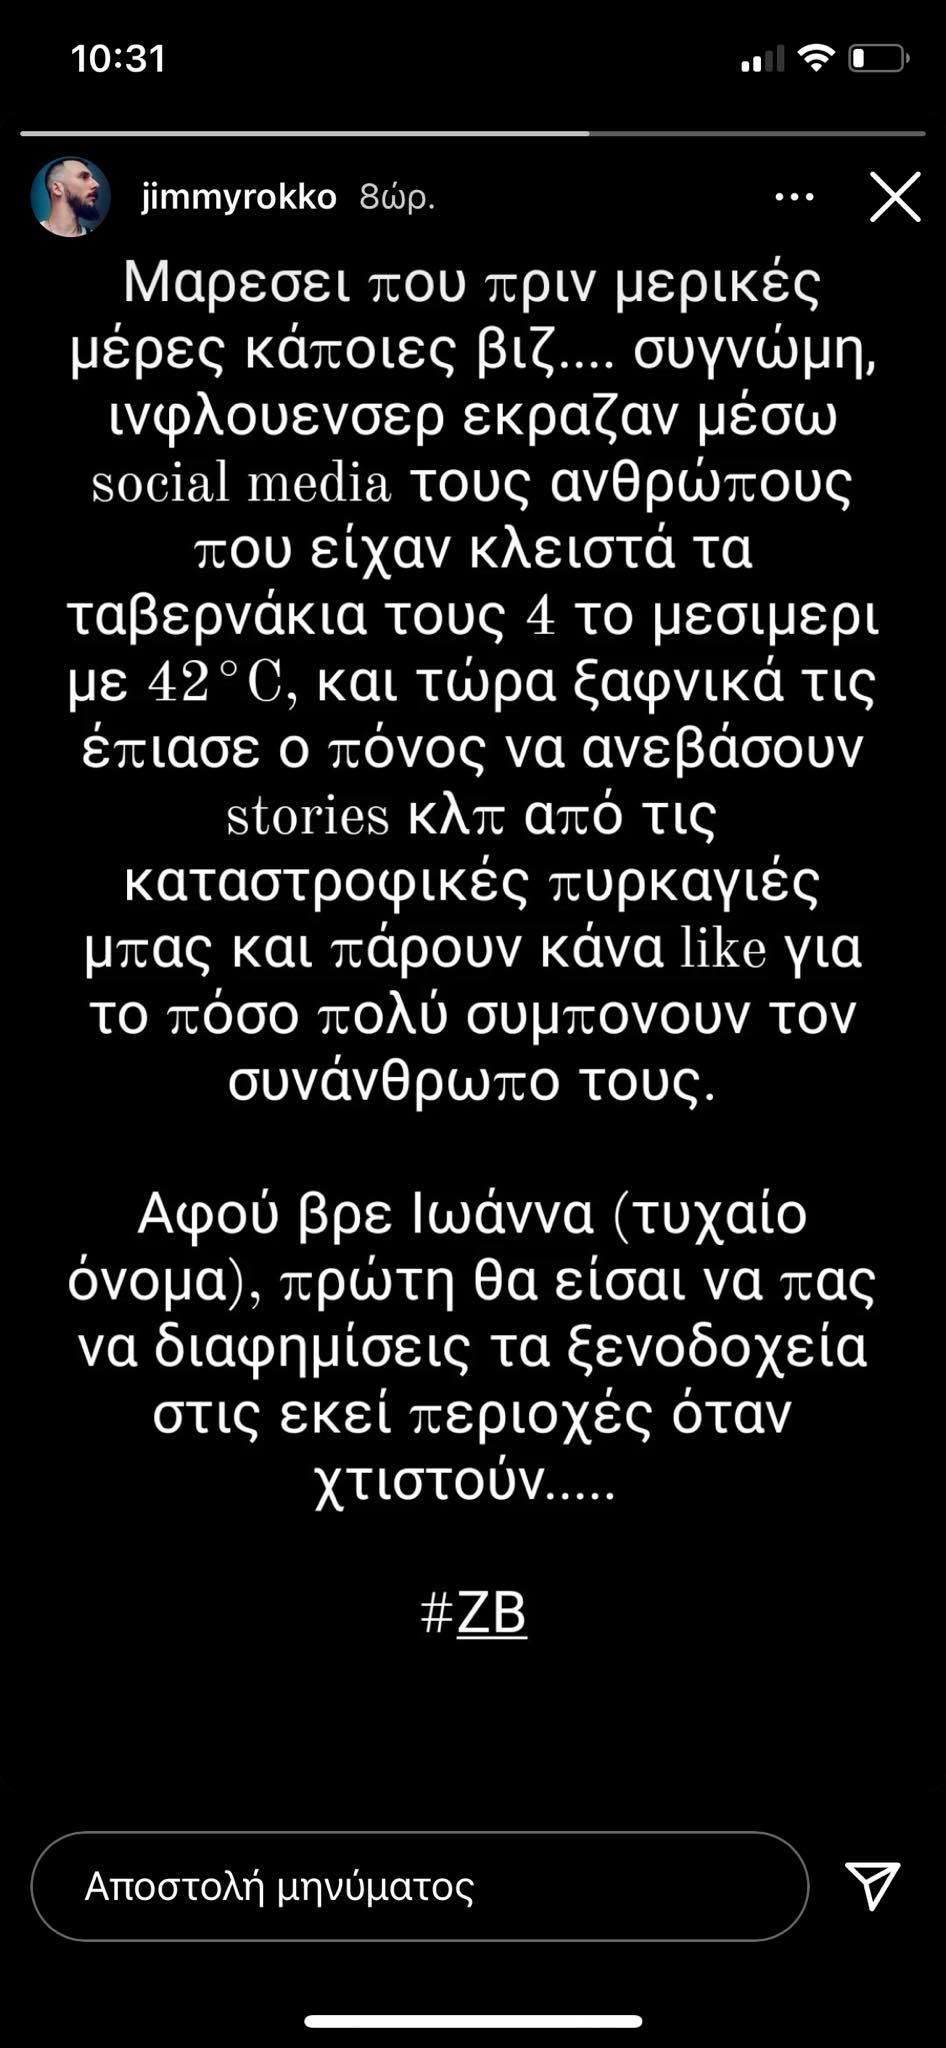 Στέλιος Ρόκος